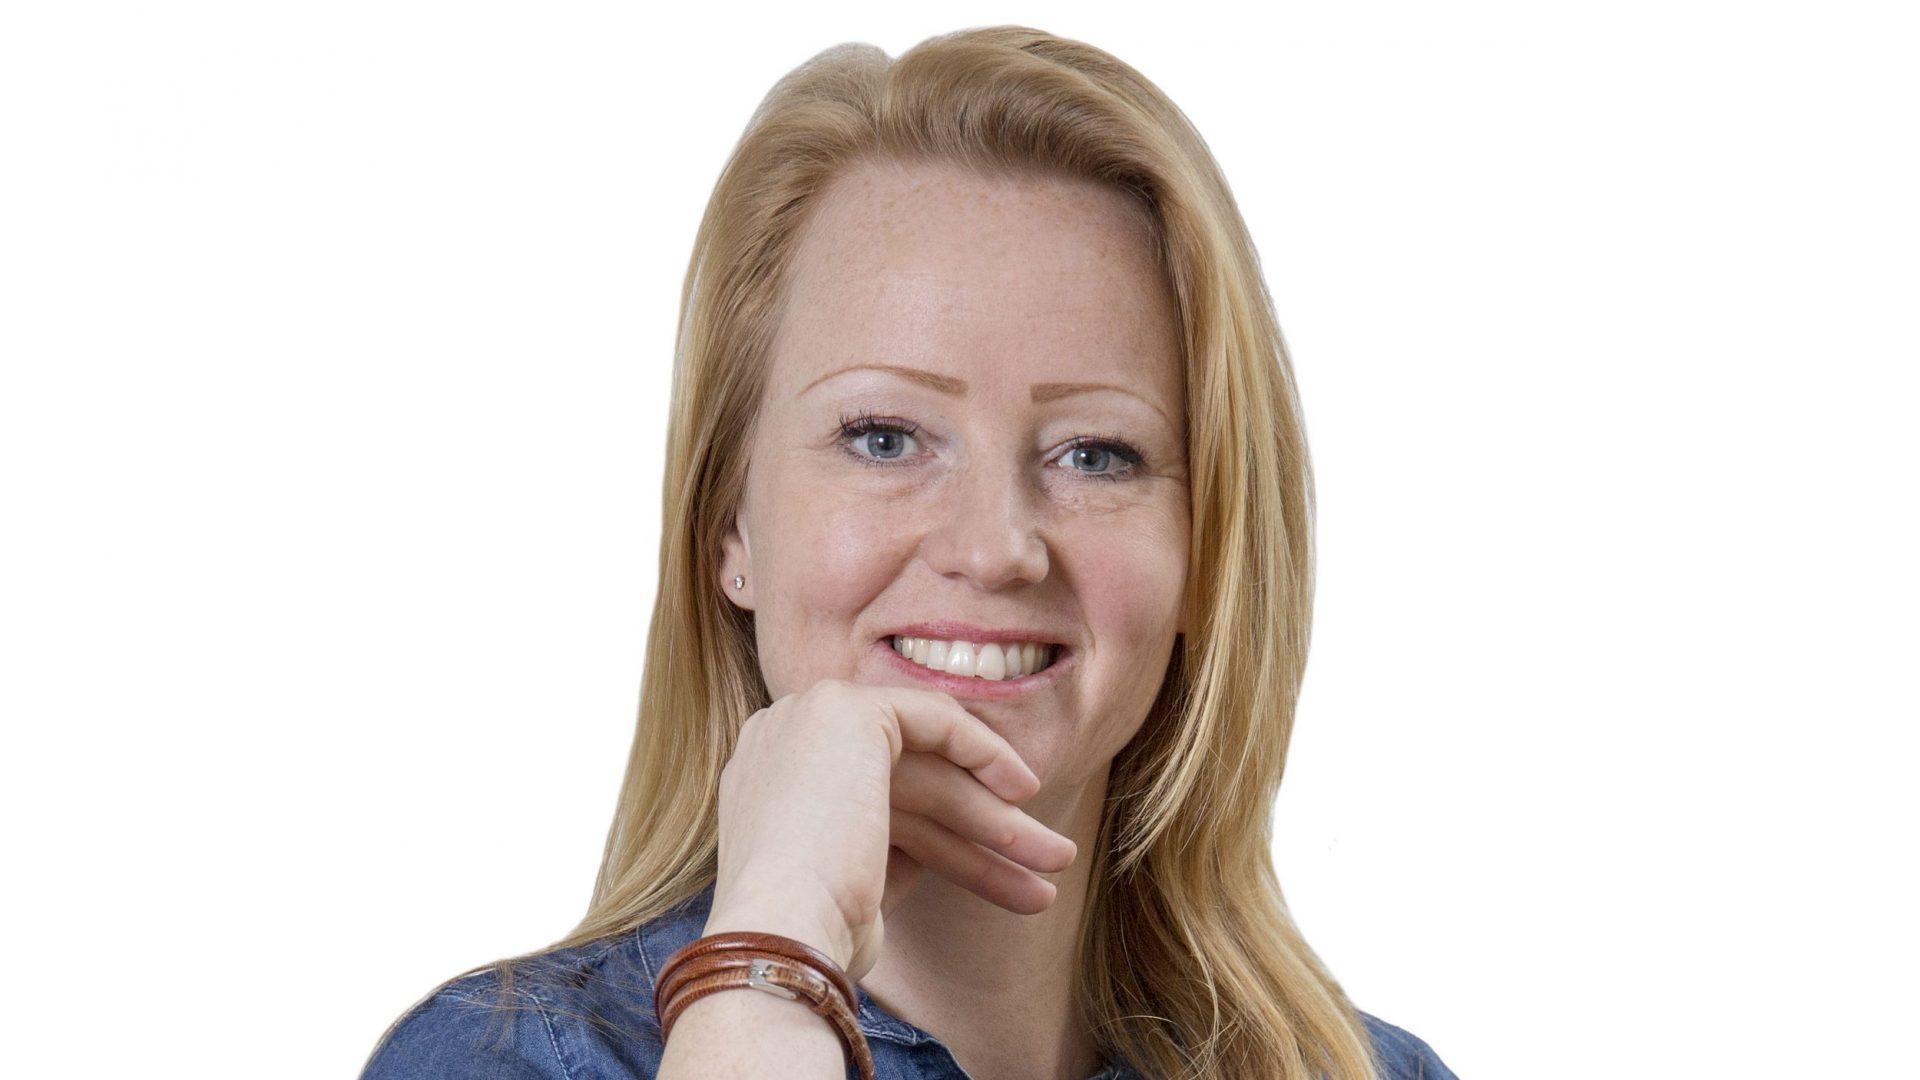 Jeanette Sjardijn